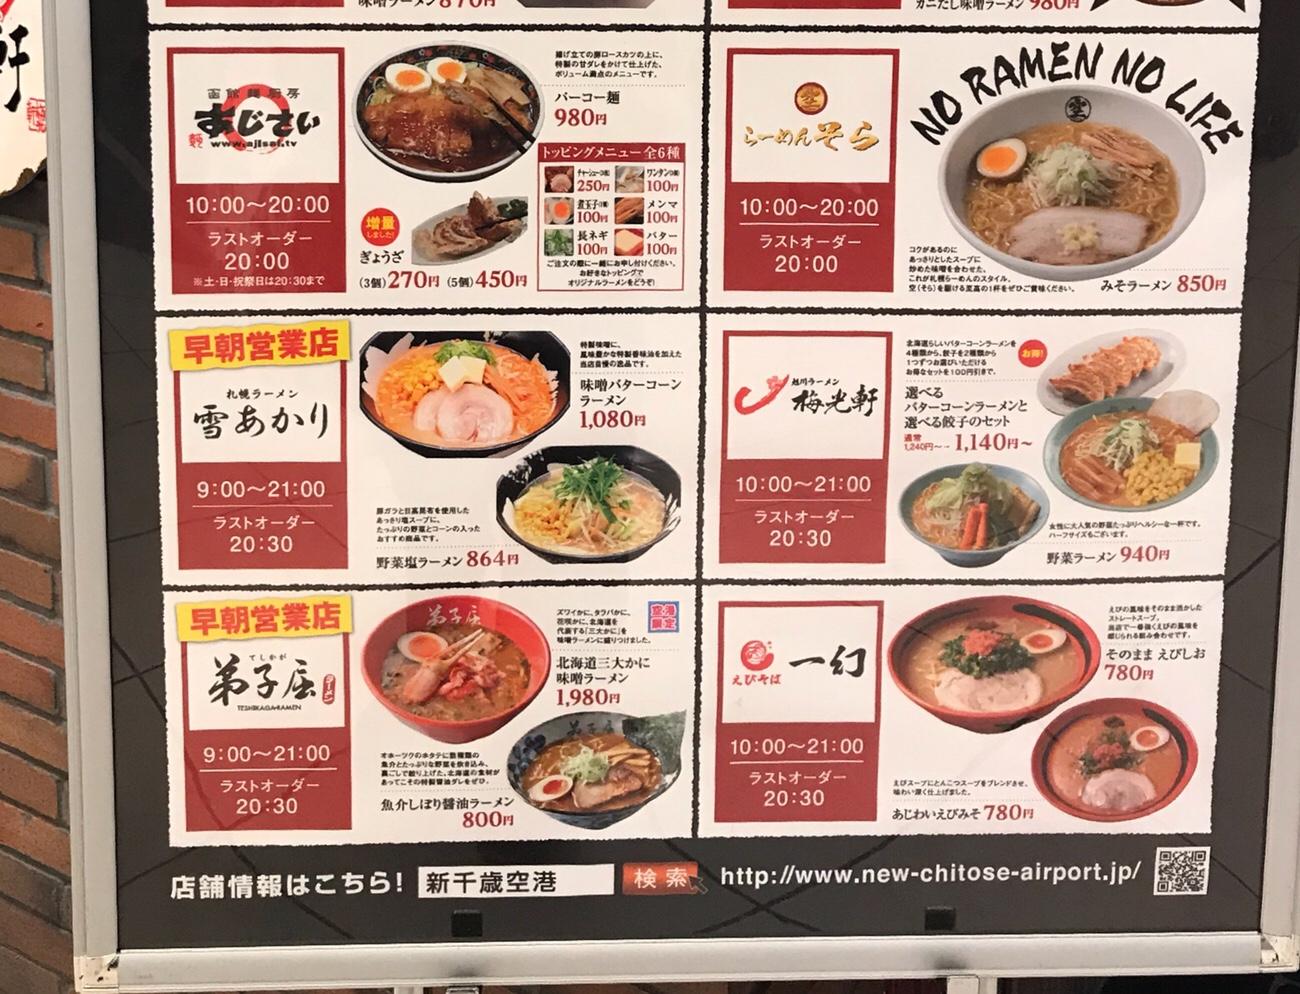 北海道ラーメン道場 新千歳空港ラーメン 店長おすすめメニュー